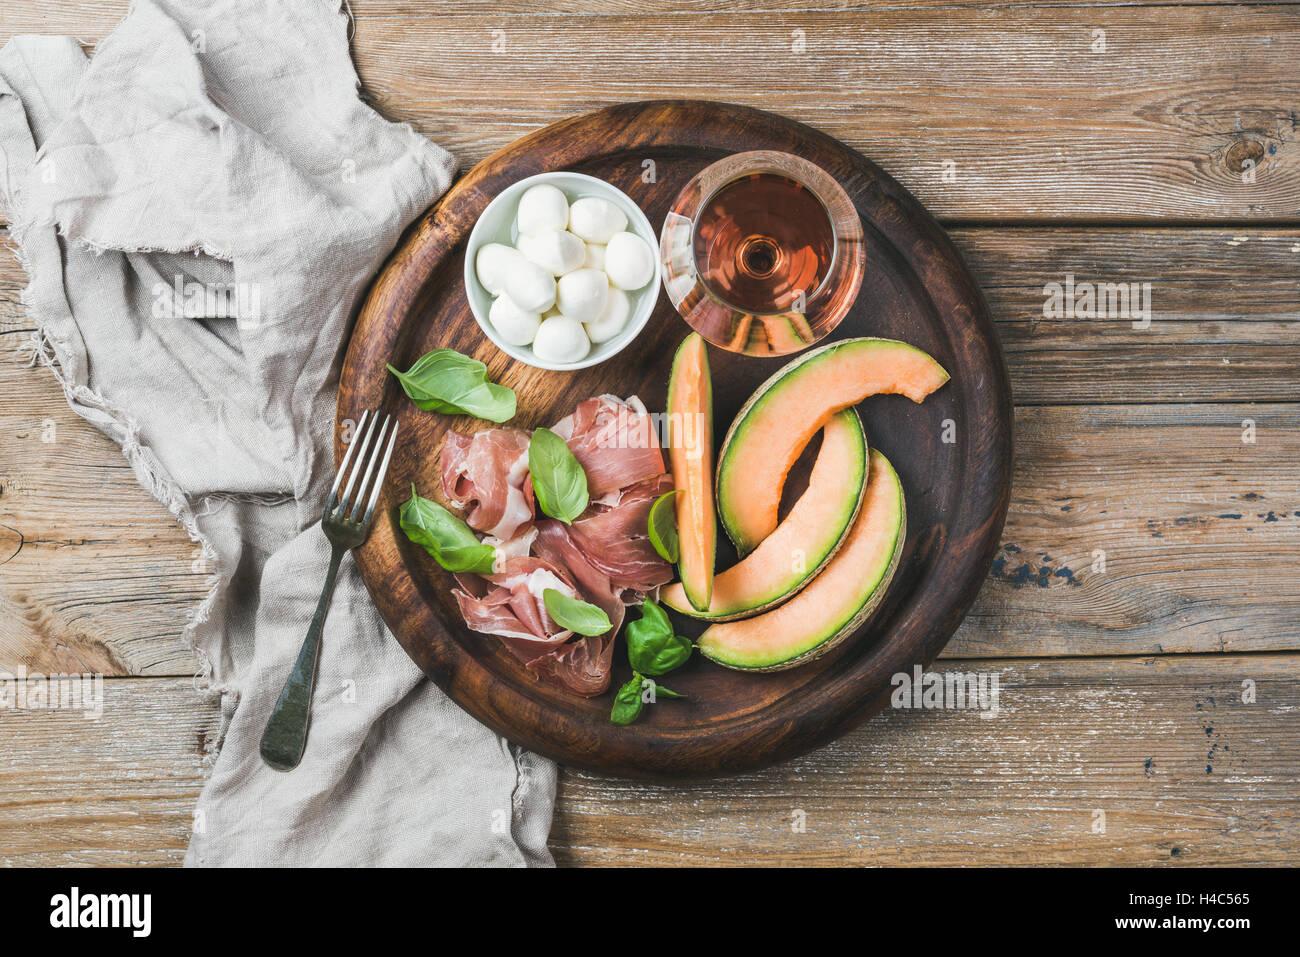 Jambon, melon, mozzarella et d'un verre de vin dans le bac en bois Photo Stock